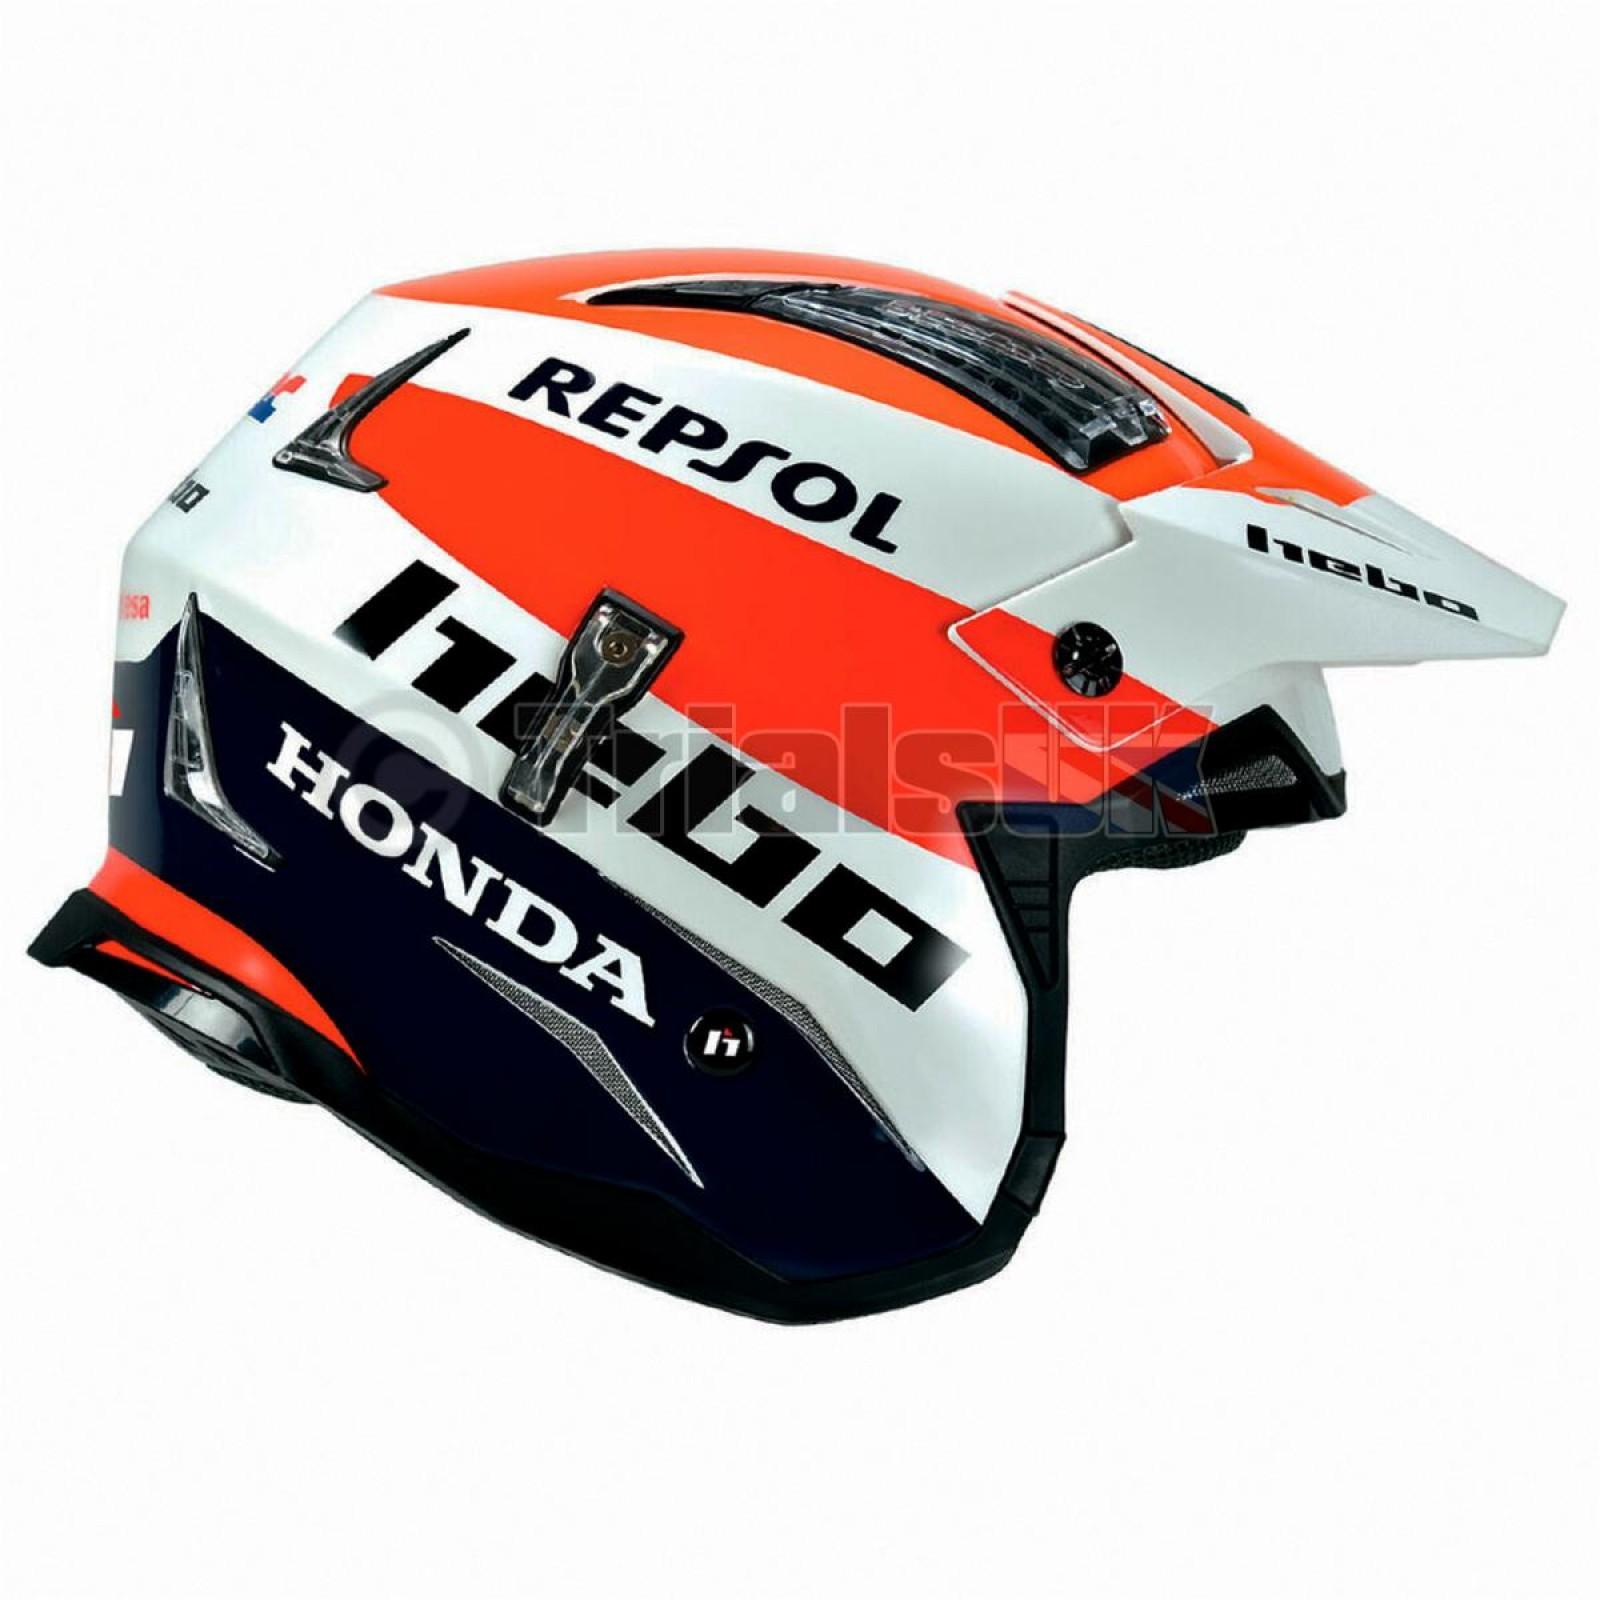 Honda Repsol Helmet for sale in UK